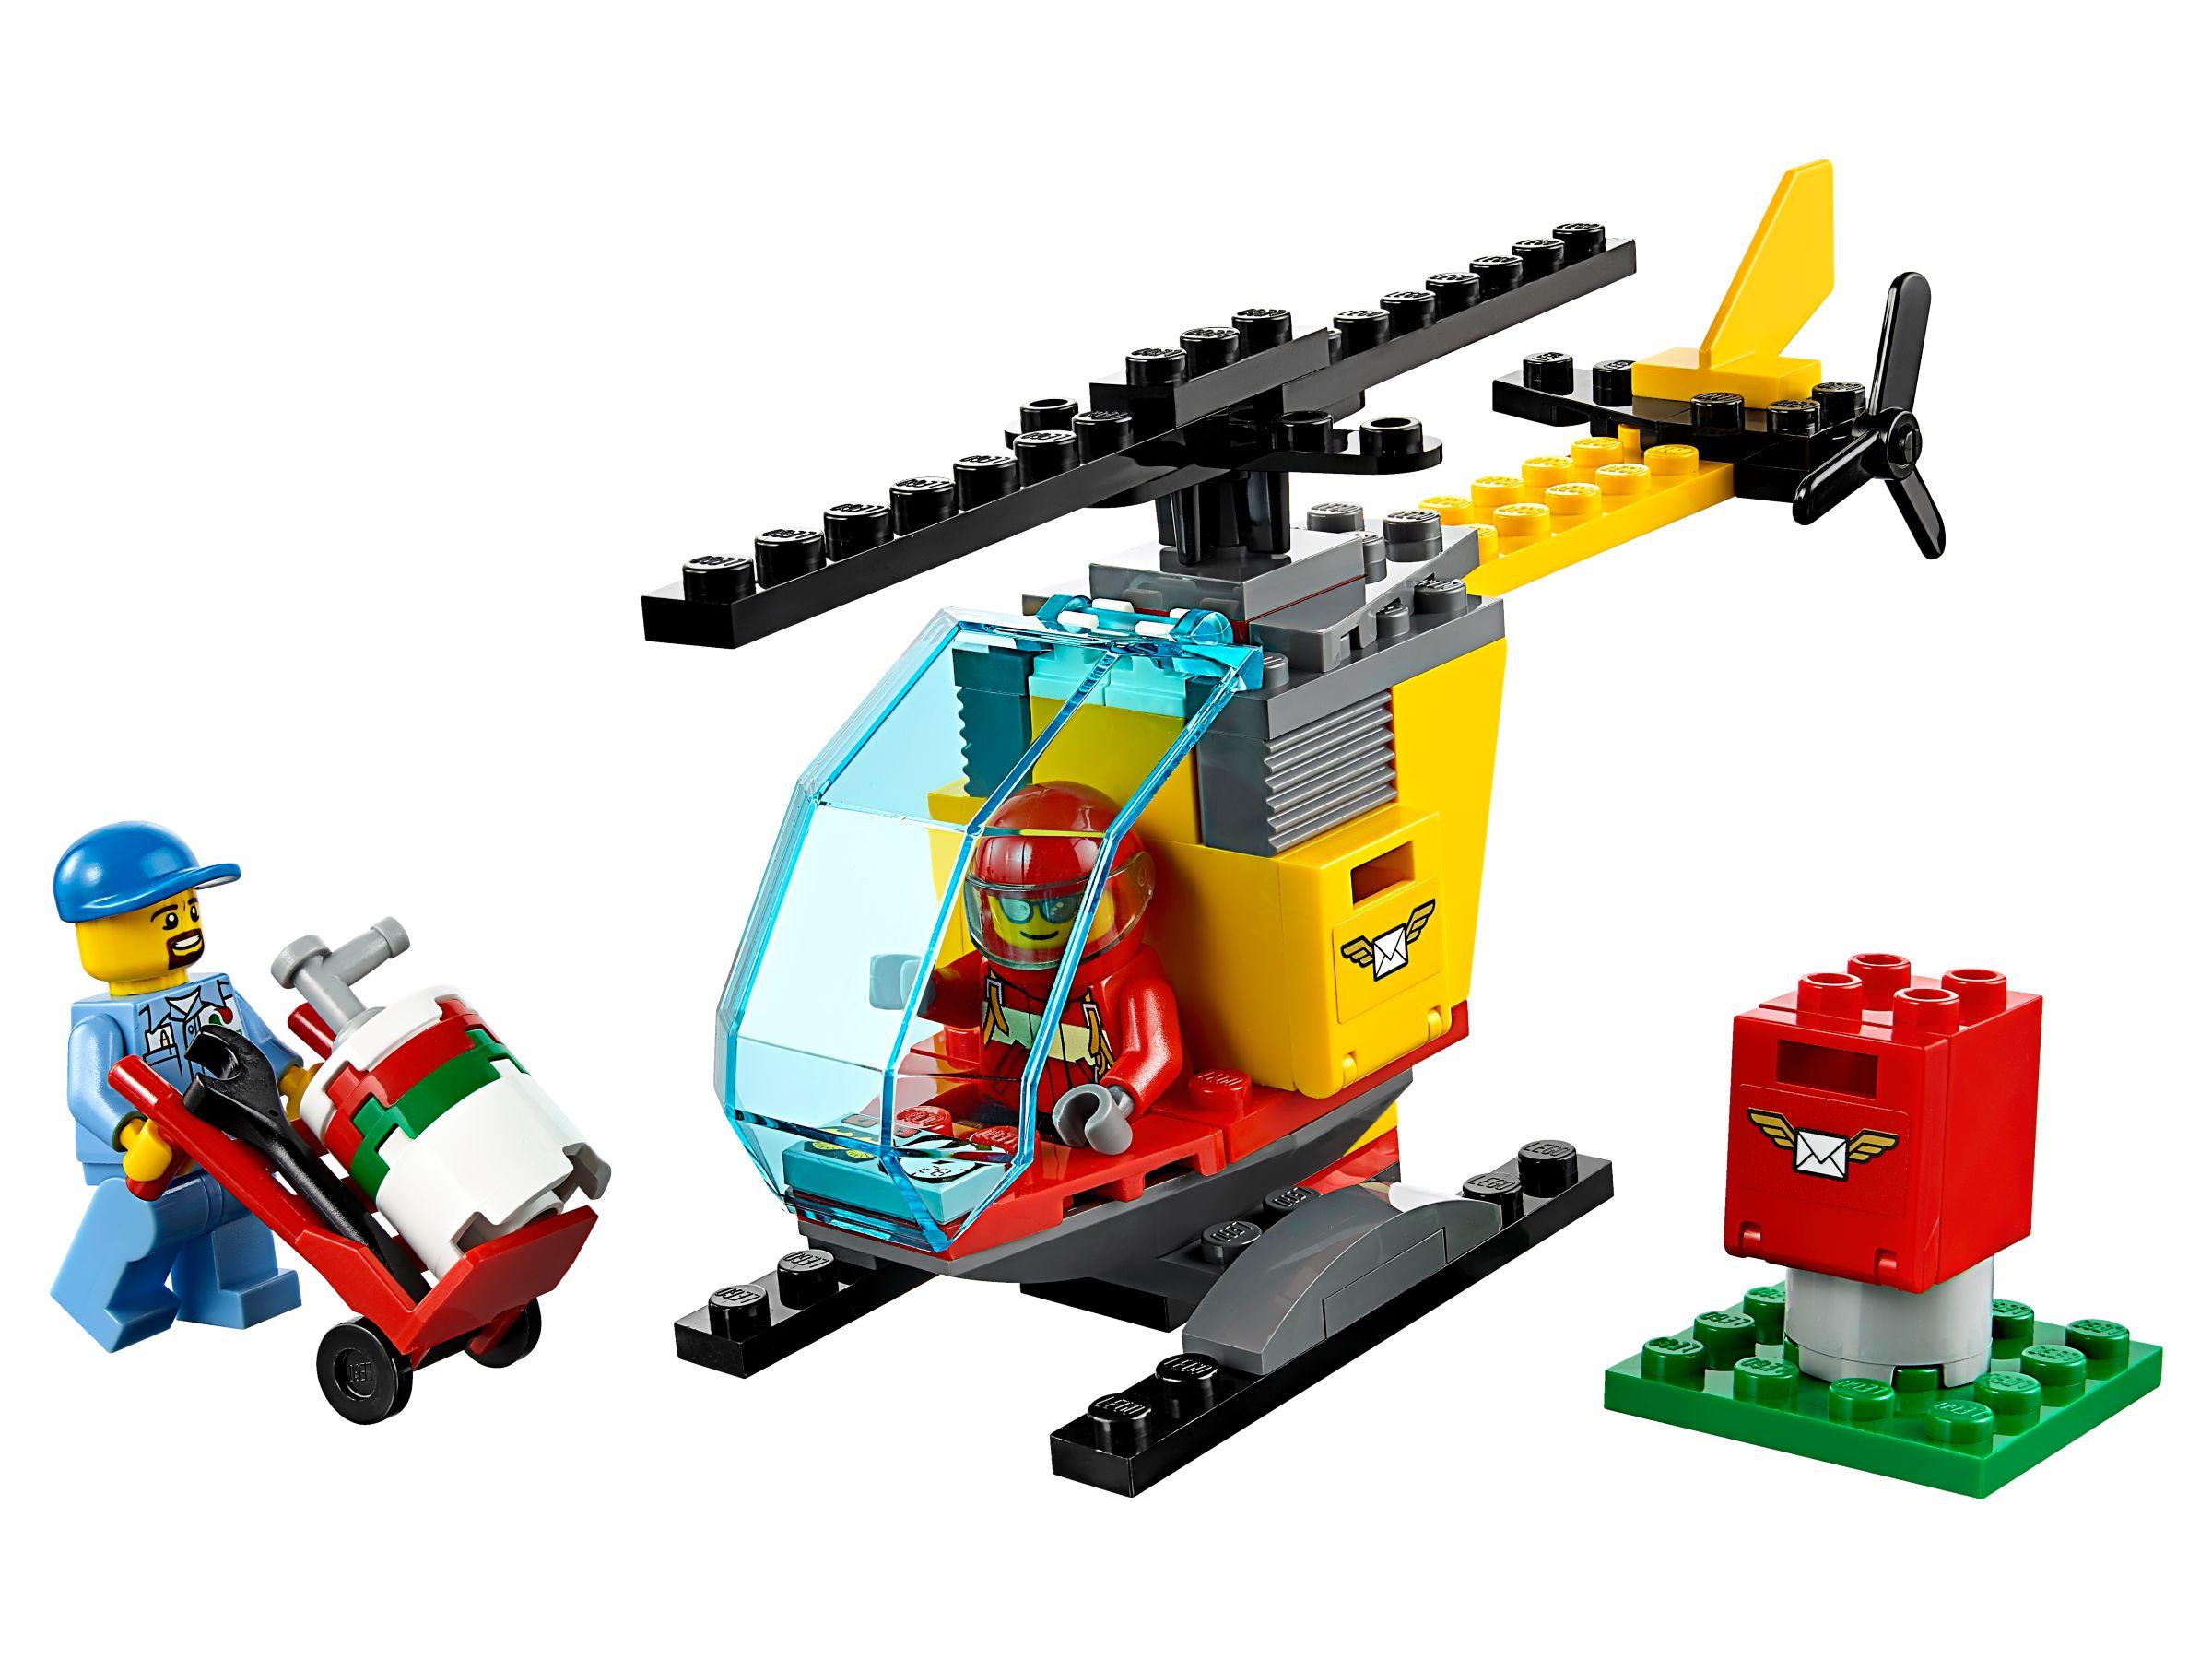 Lego City 60100 Flughafen Starter Set Brickmerge Preisvergleich